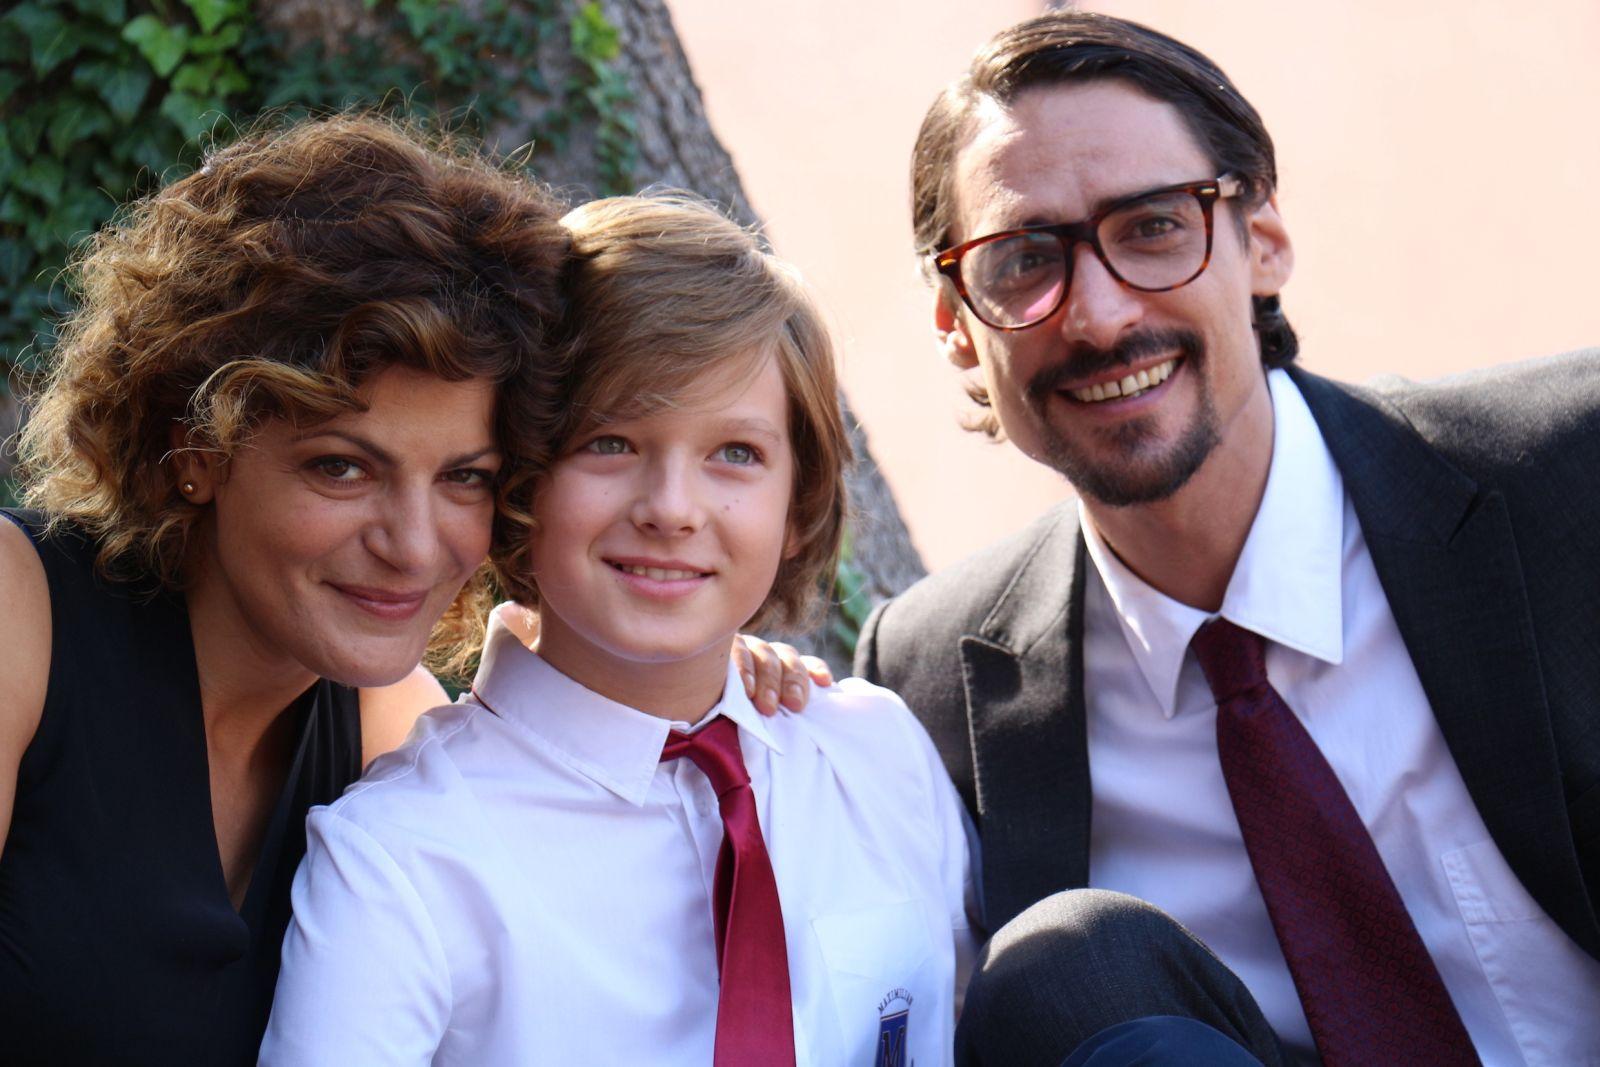 la-mia-famiglia-a-soqquadro-0